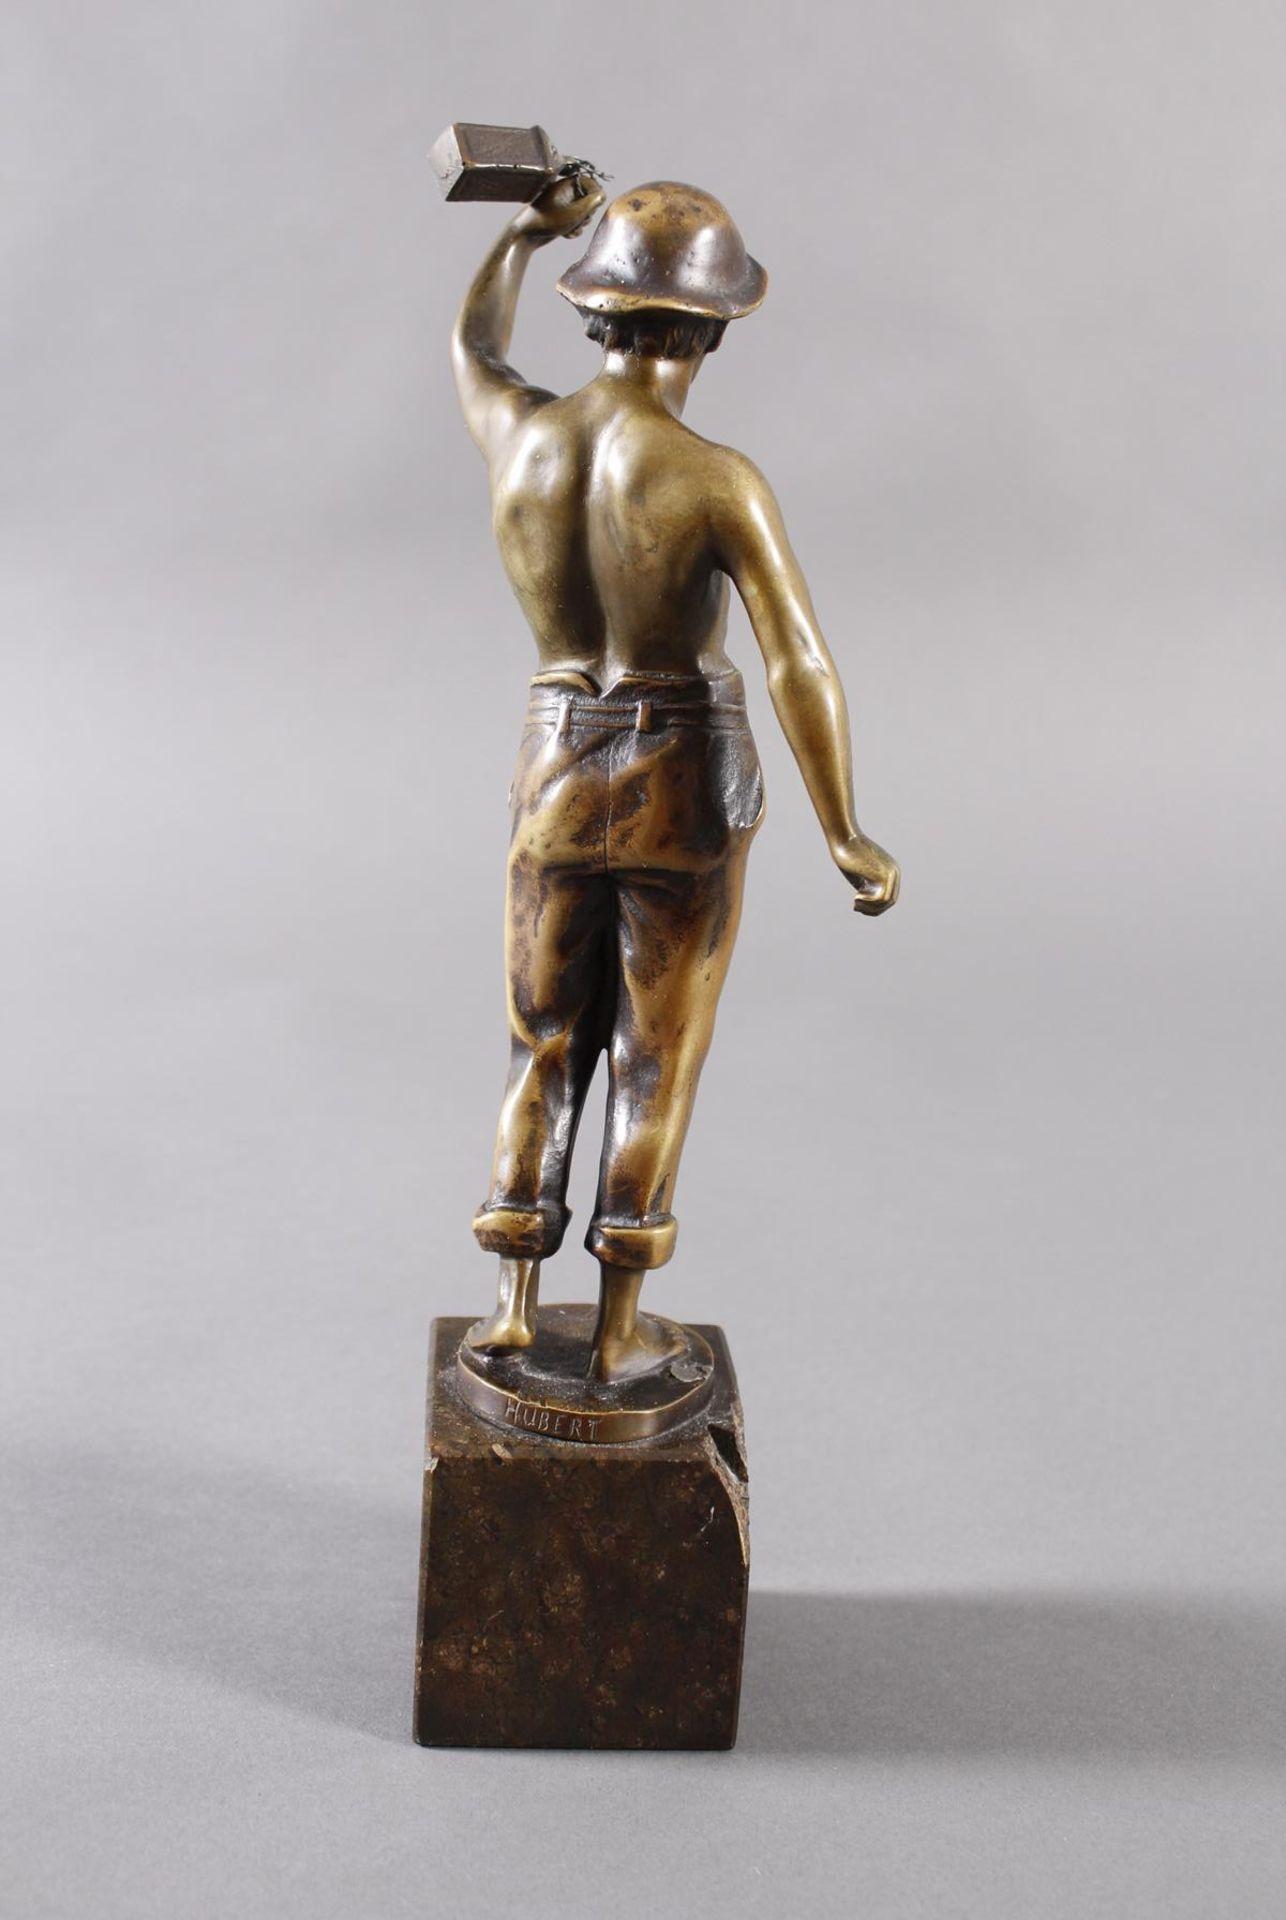 Raphael Hubert 1845-? Stehende Figur eines MinenarbeitersBronze dunkel patiniert, auf - Bild 4 aus 6